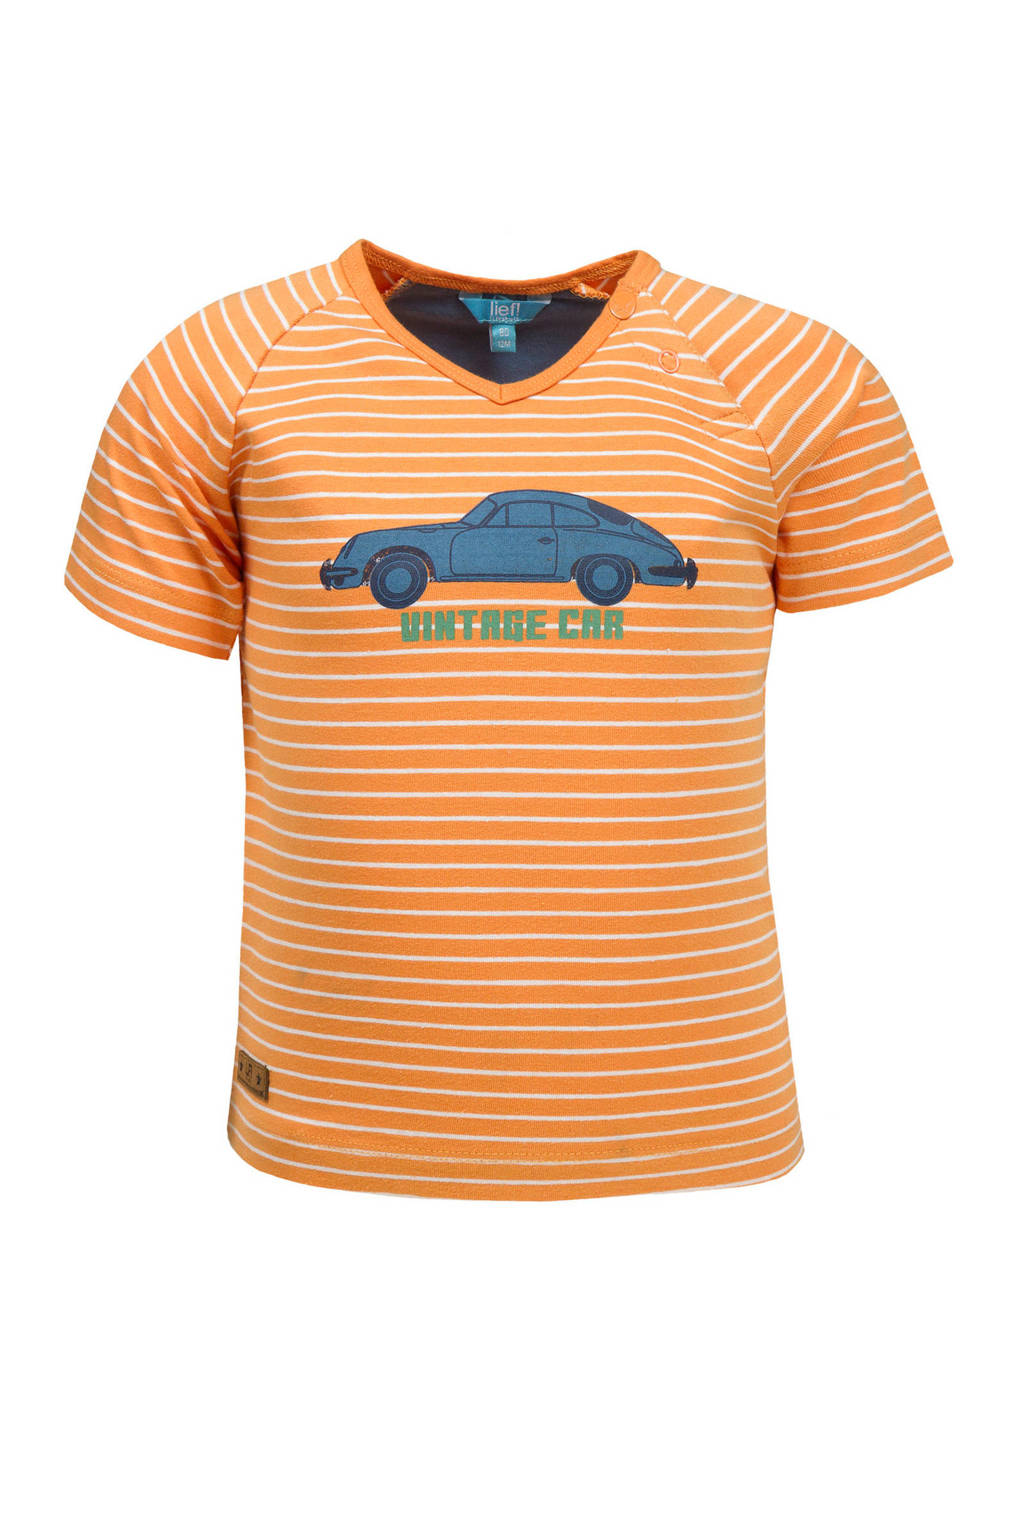 lief! gestreept T-shirt oranje, Oranje